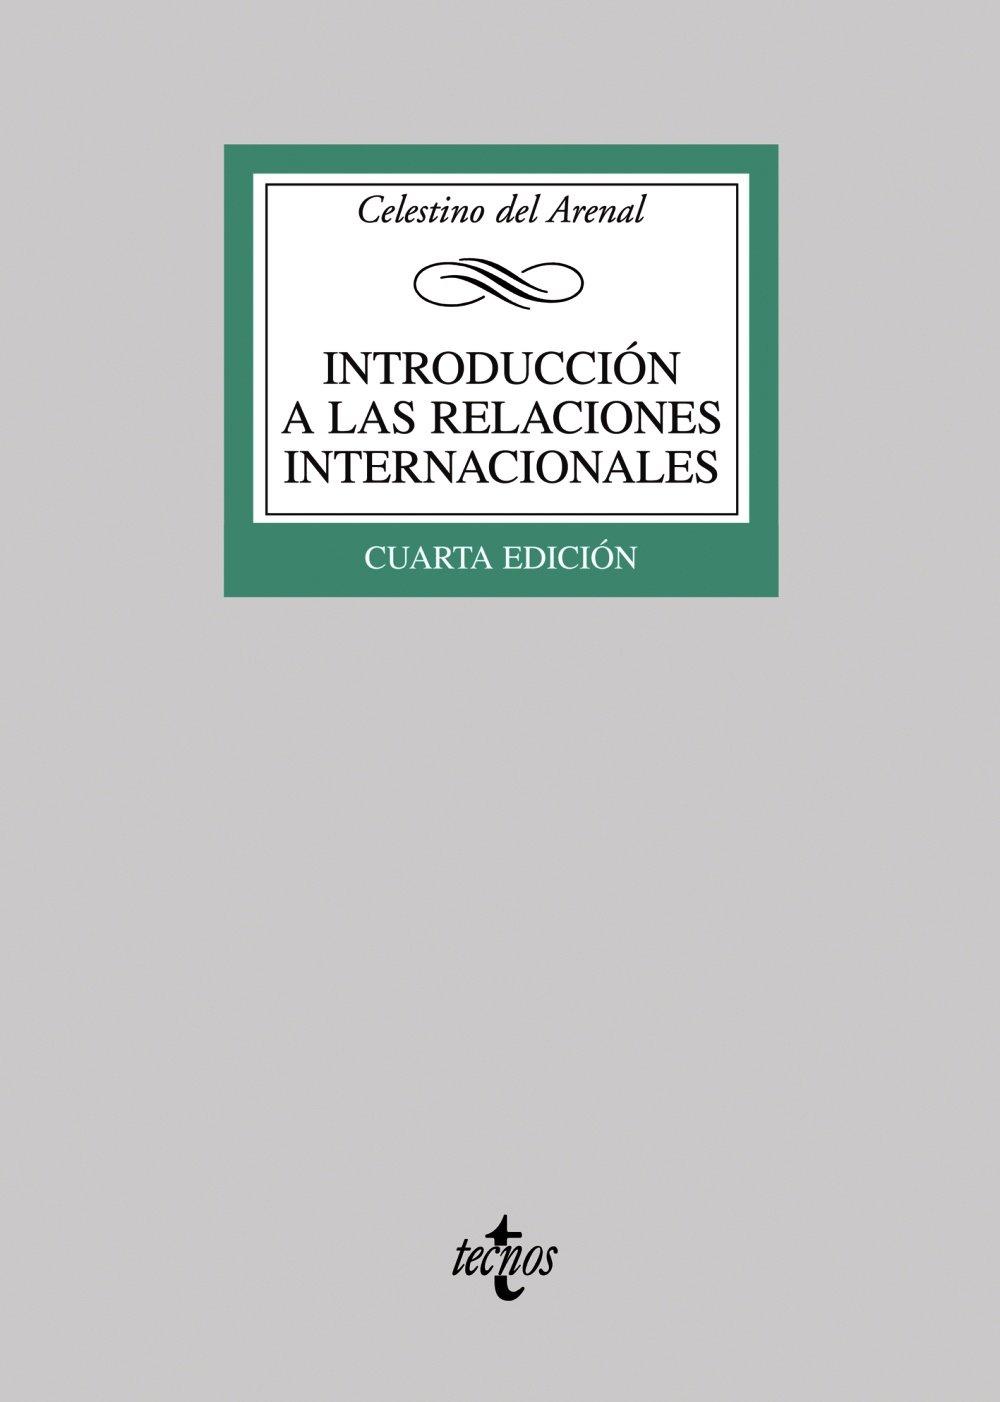 Introducción a las relaciones internacionales (Derecho - Biblioteca Universitaria De Editorial Tecnos) Tapa blanda – 3 dic 2007 Celestino del Arenal 843094589X CDL_2-3_0013059 Spanish: Adult Nonfiction